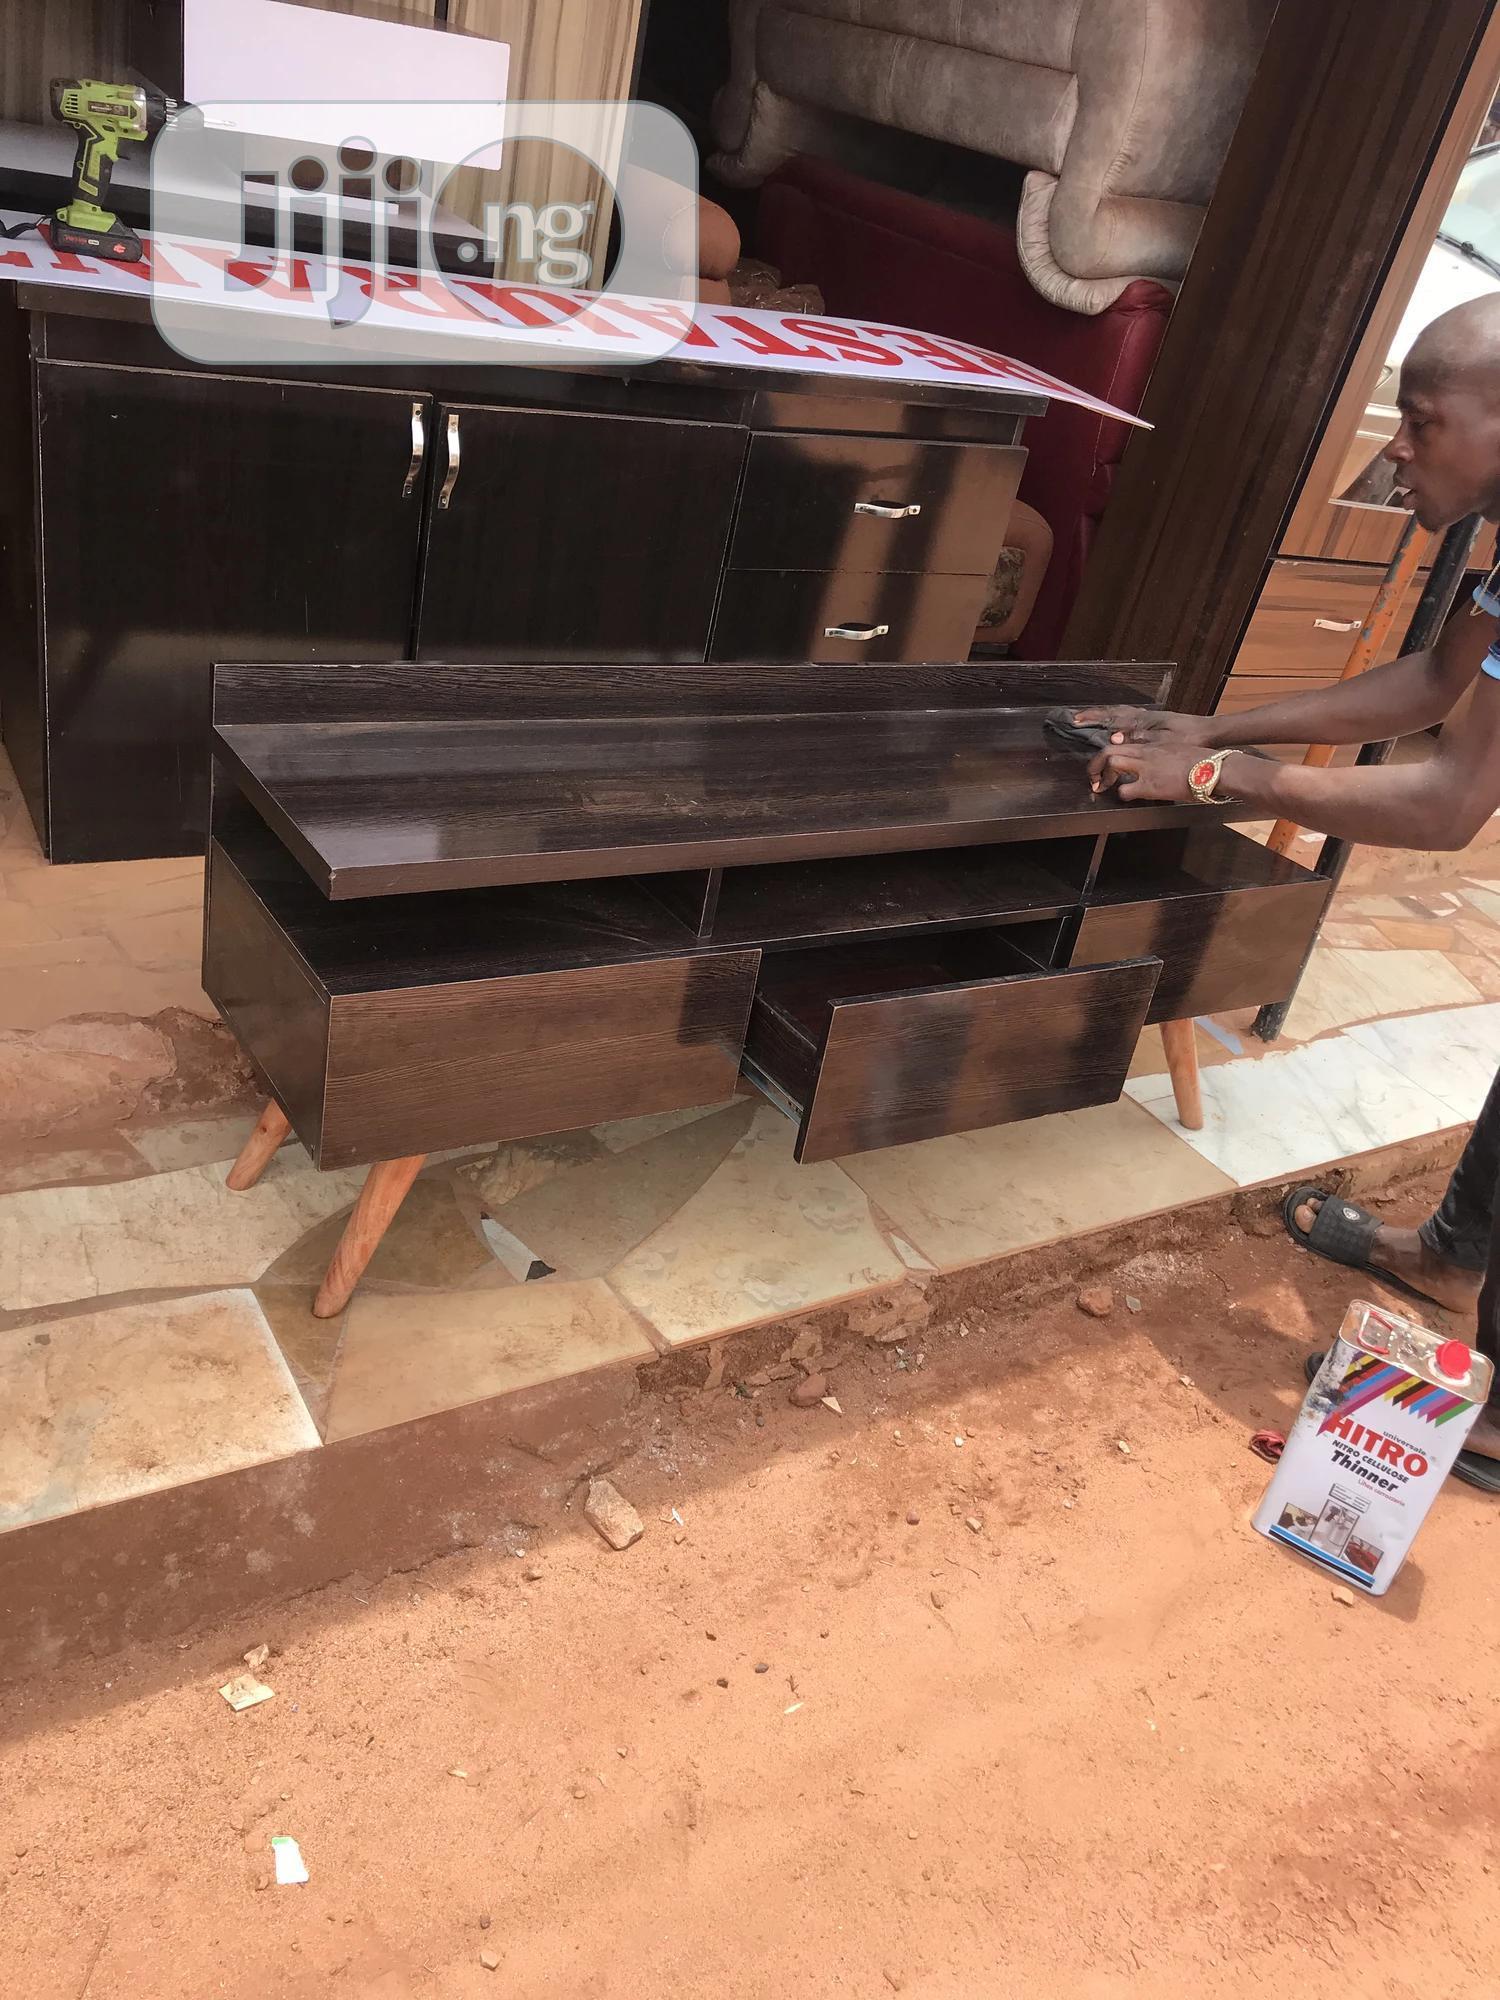 5ft Accent Tv Stand | Furniture for sale in Enugu, Enugu State, Nigeria